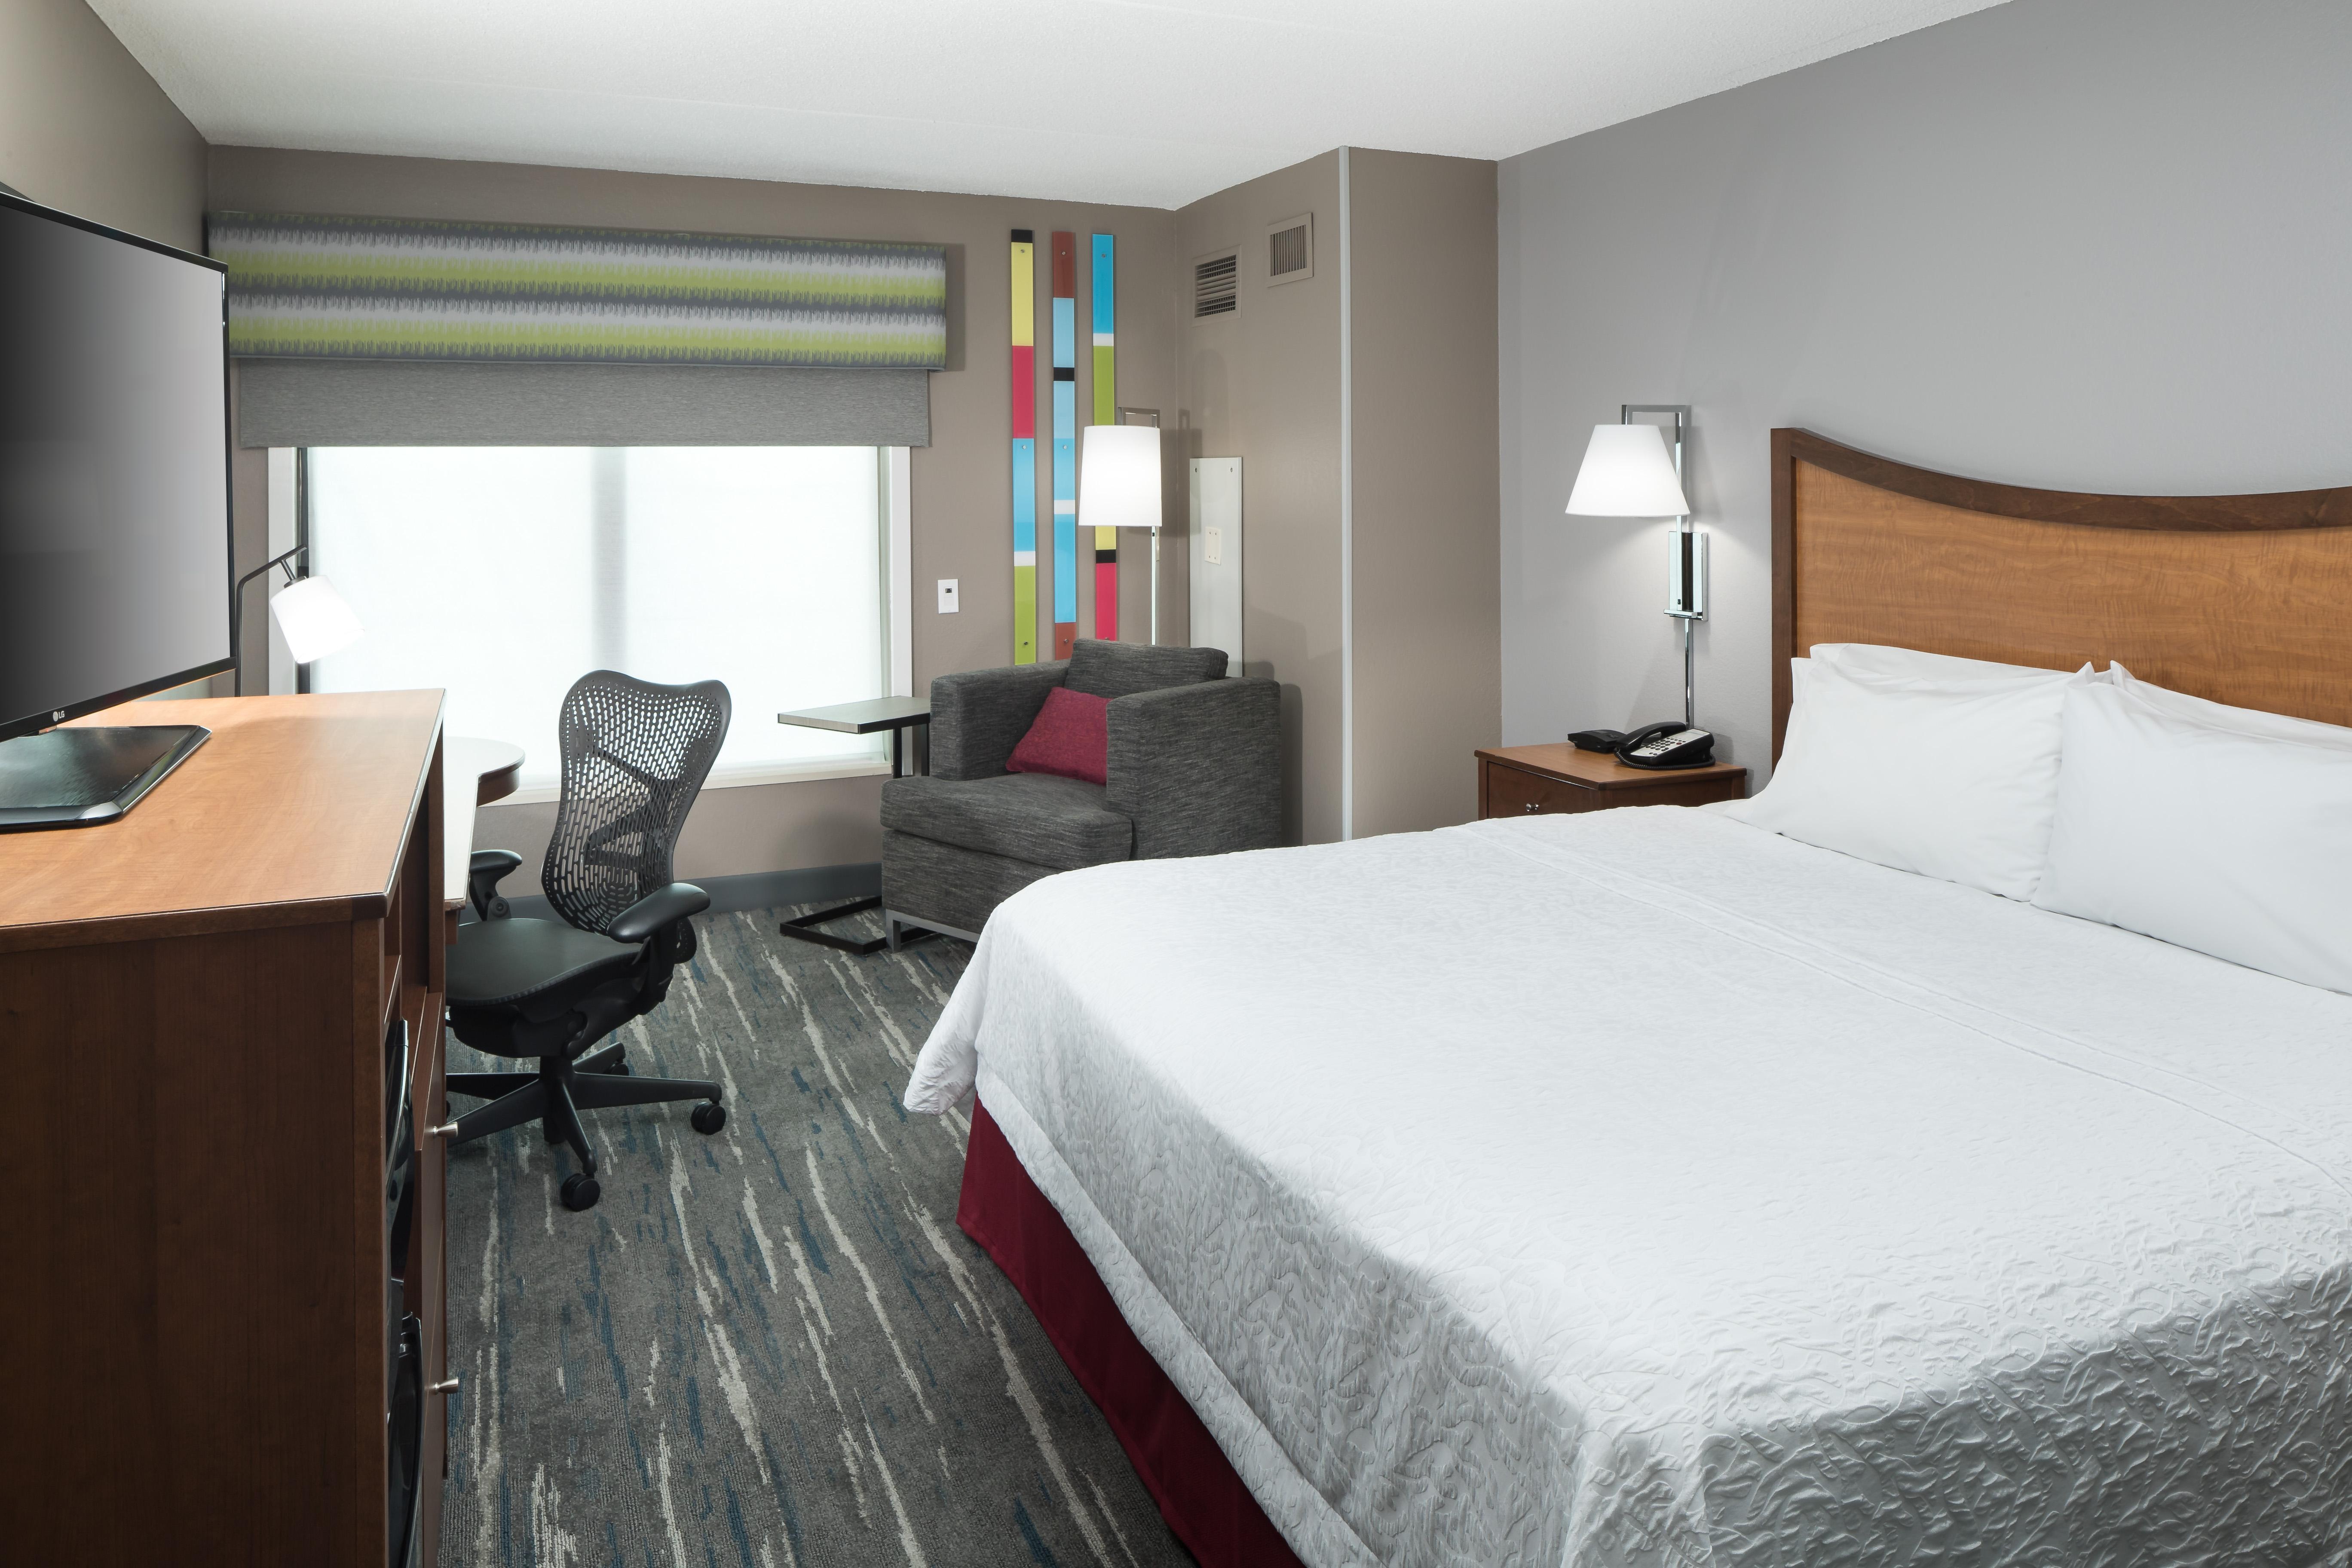 https://www.hotelsbyday.com/_data/default-hotel_image/4/23596/ahr-4274-chiskhx-342-nkrud.jpg